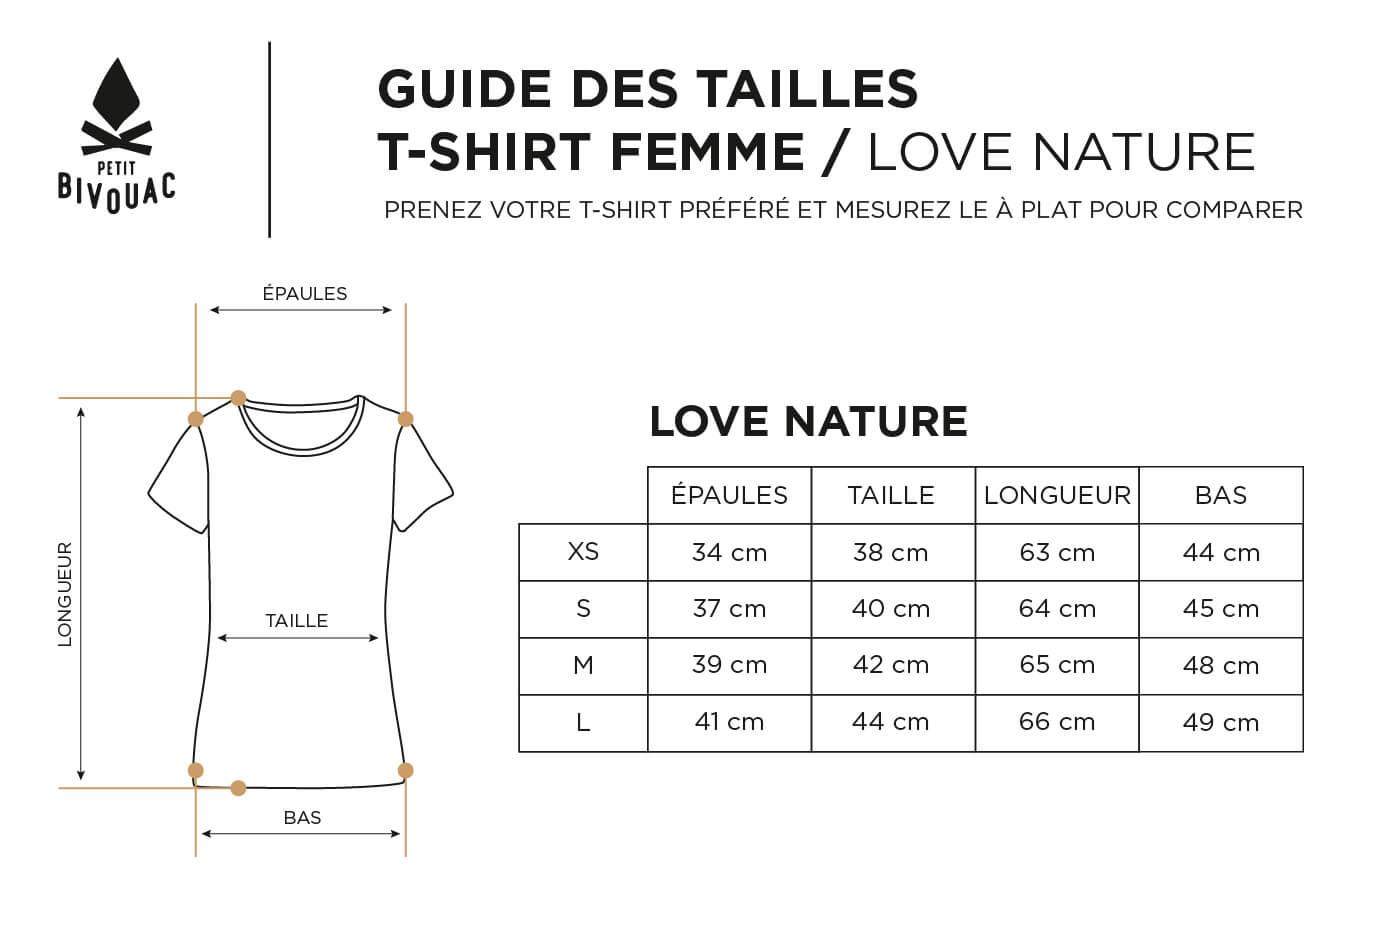 Guide des tailles-femme-love nature-Petit Bivouac